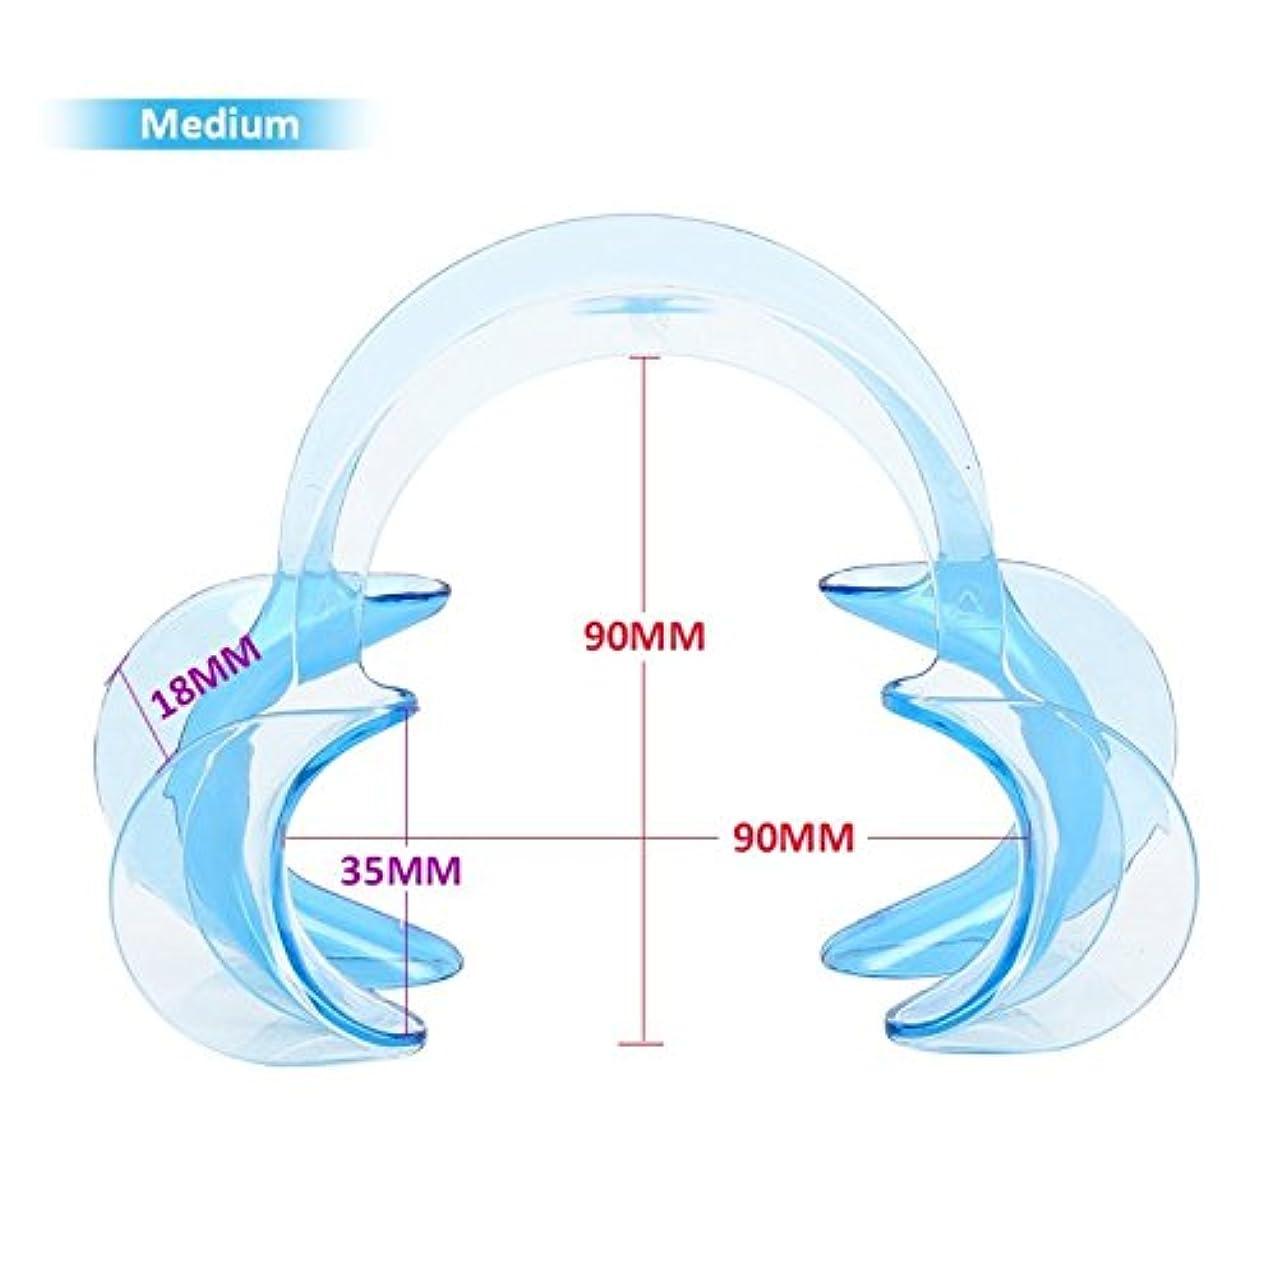 ポゴスティックジャンプシニス入り口3サイズC形状歯科口腔内頬リトラクター唇口オープナー歯ホワイトニング10個,Blue,M